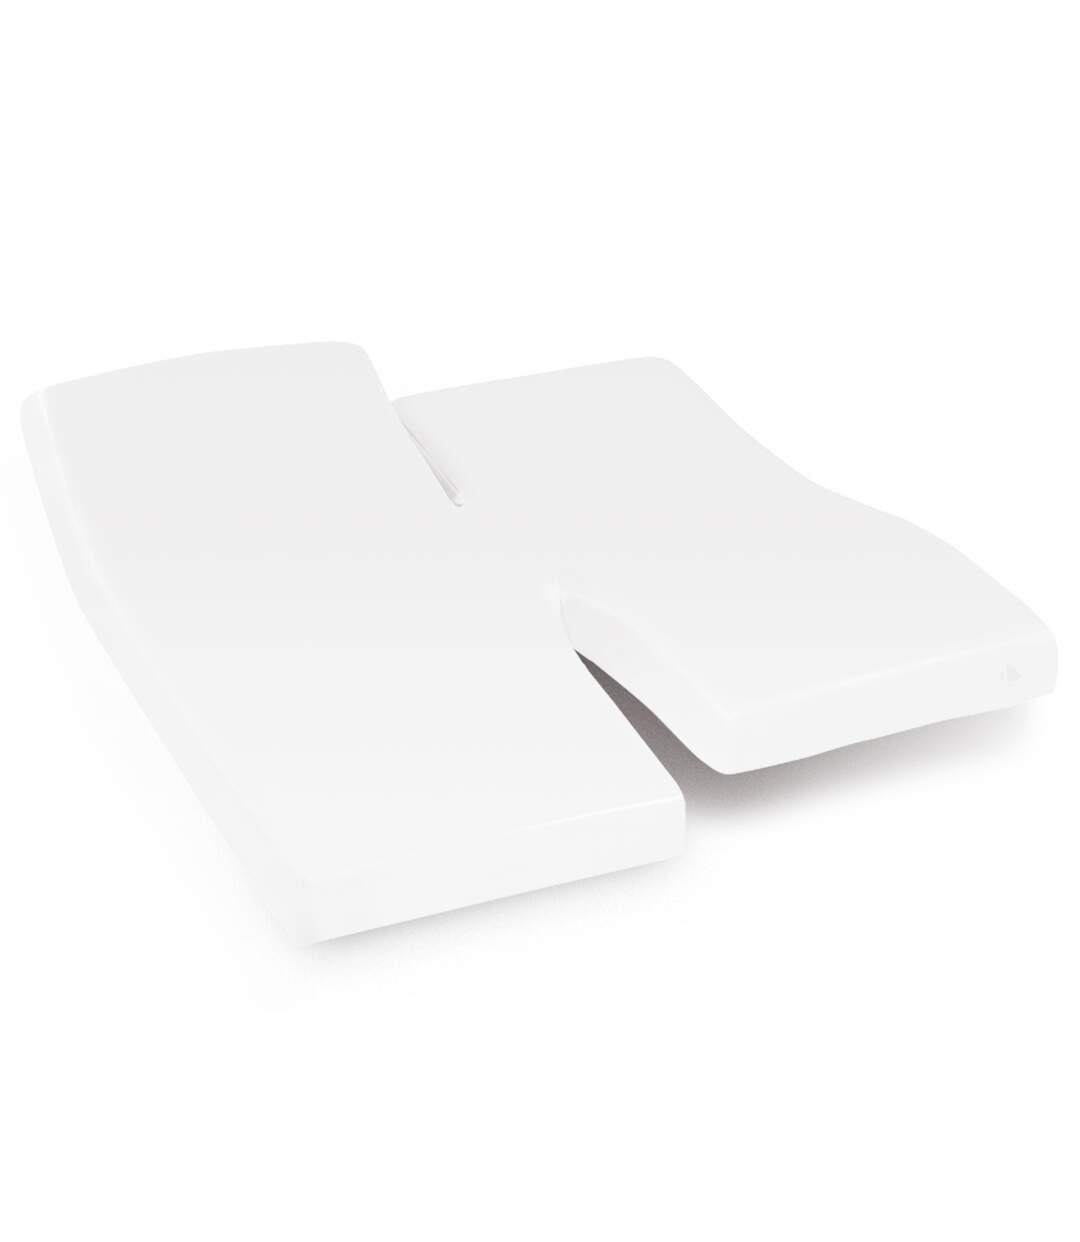 Protège matelas imperméable 2x80x190 cm lit articulé TPR bonnet 30cm ARNON molleton 100% coton contrecollé polyuréthane